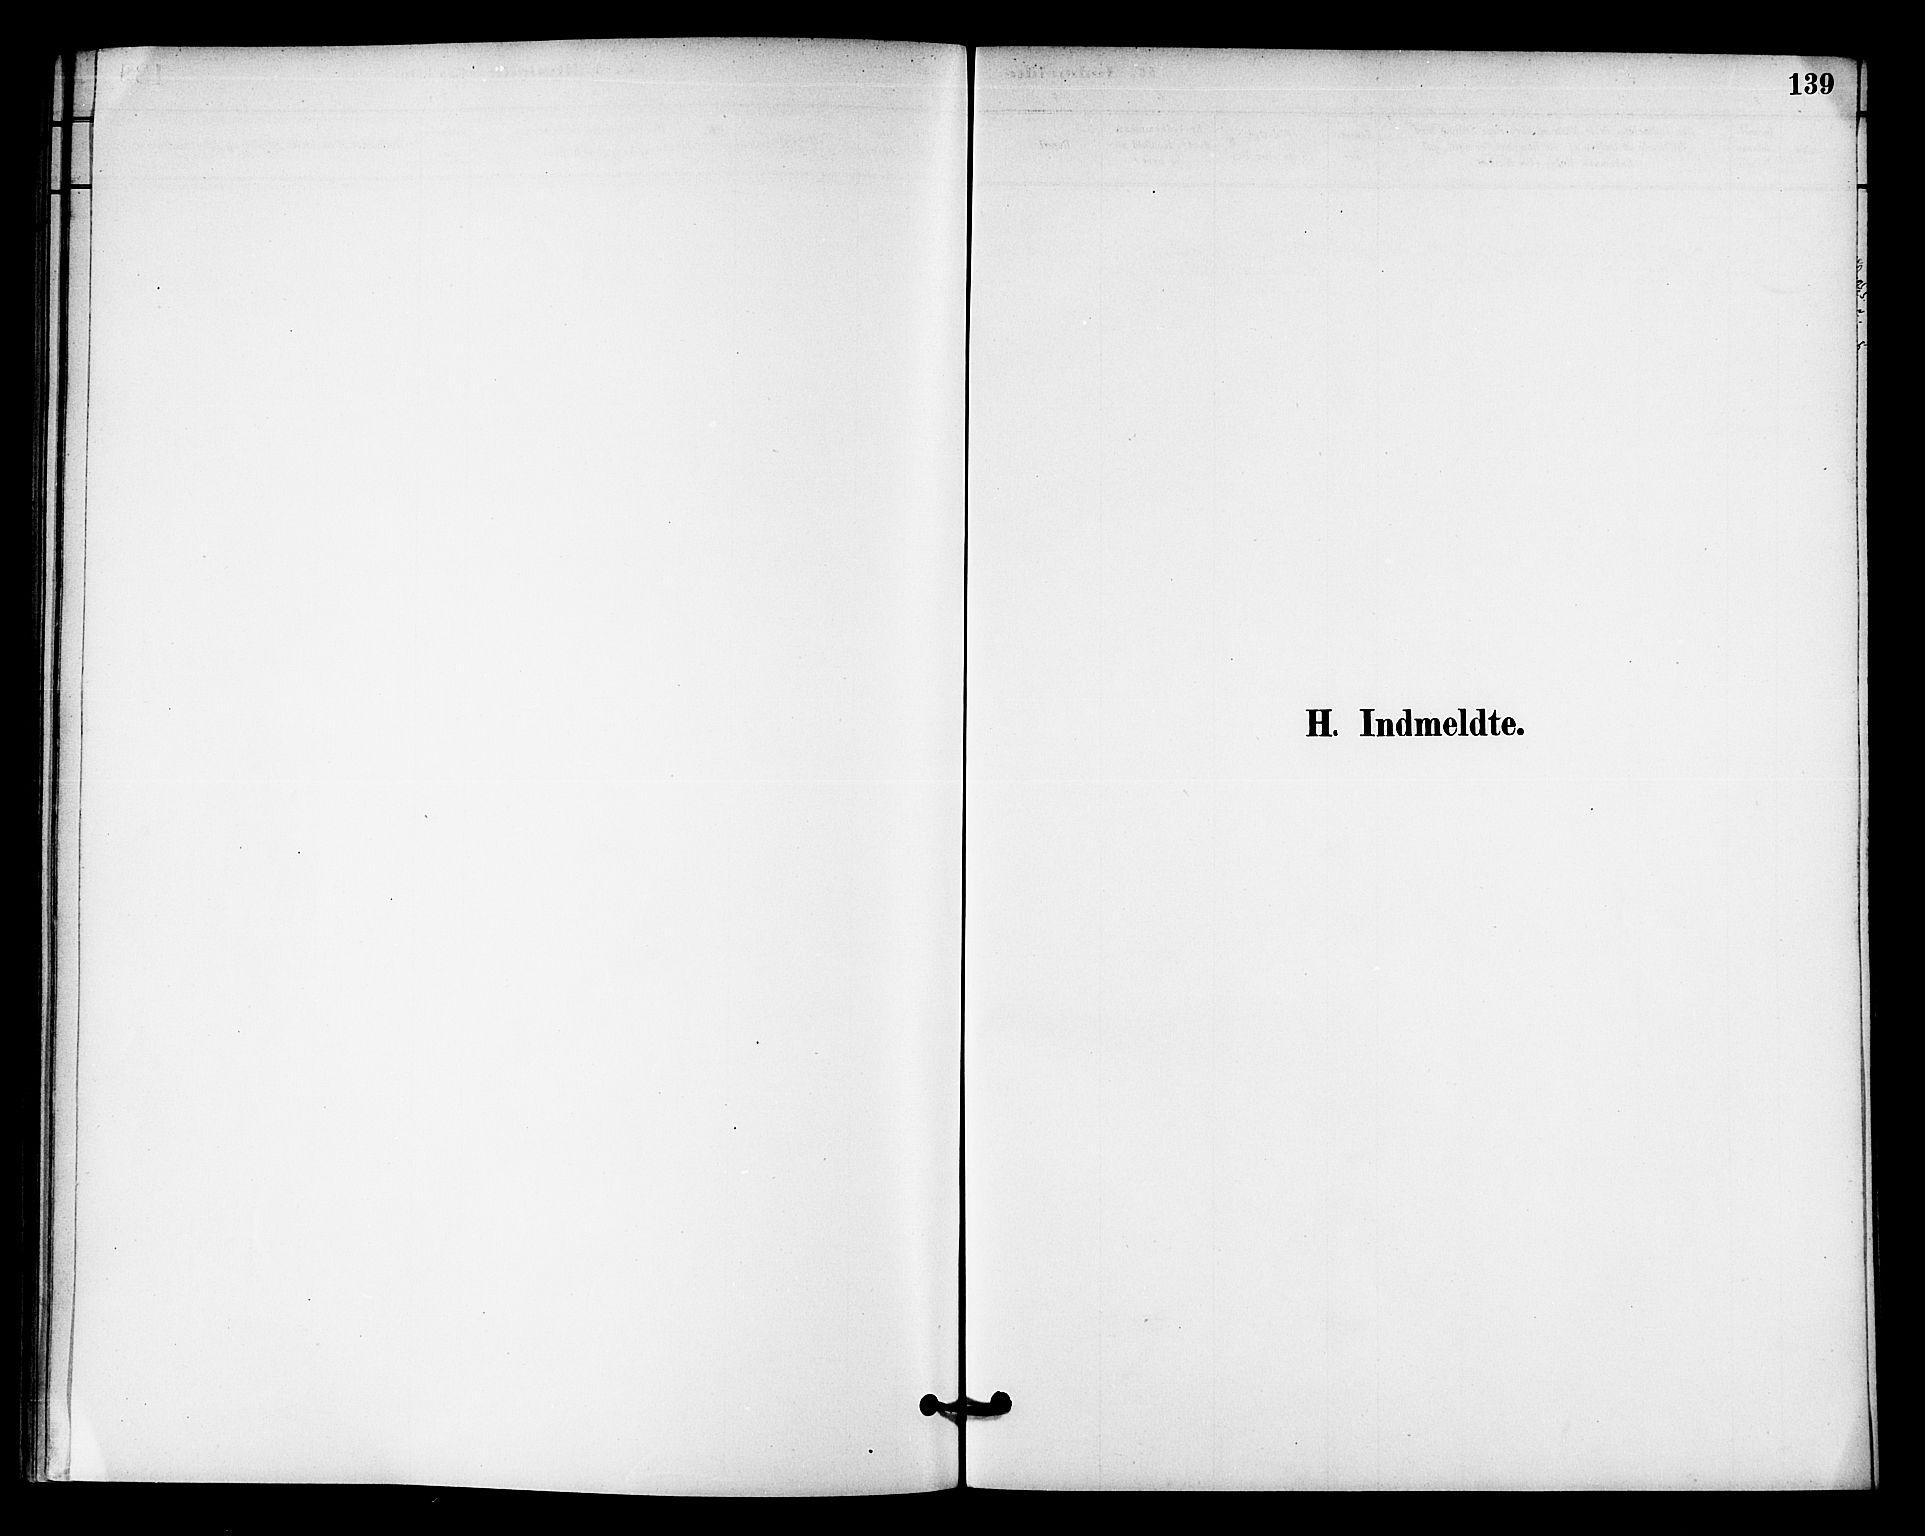 SAT, Ministerialprotokoller, klokkerbøker og fødselsregistre - Nord-Trøndelag, 740/L0378: Ministerialbok nr. 740A01, 1881-1895, s. 139